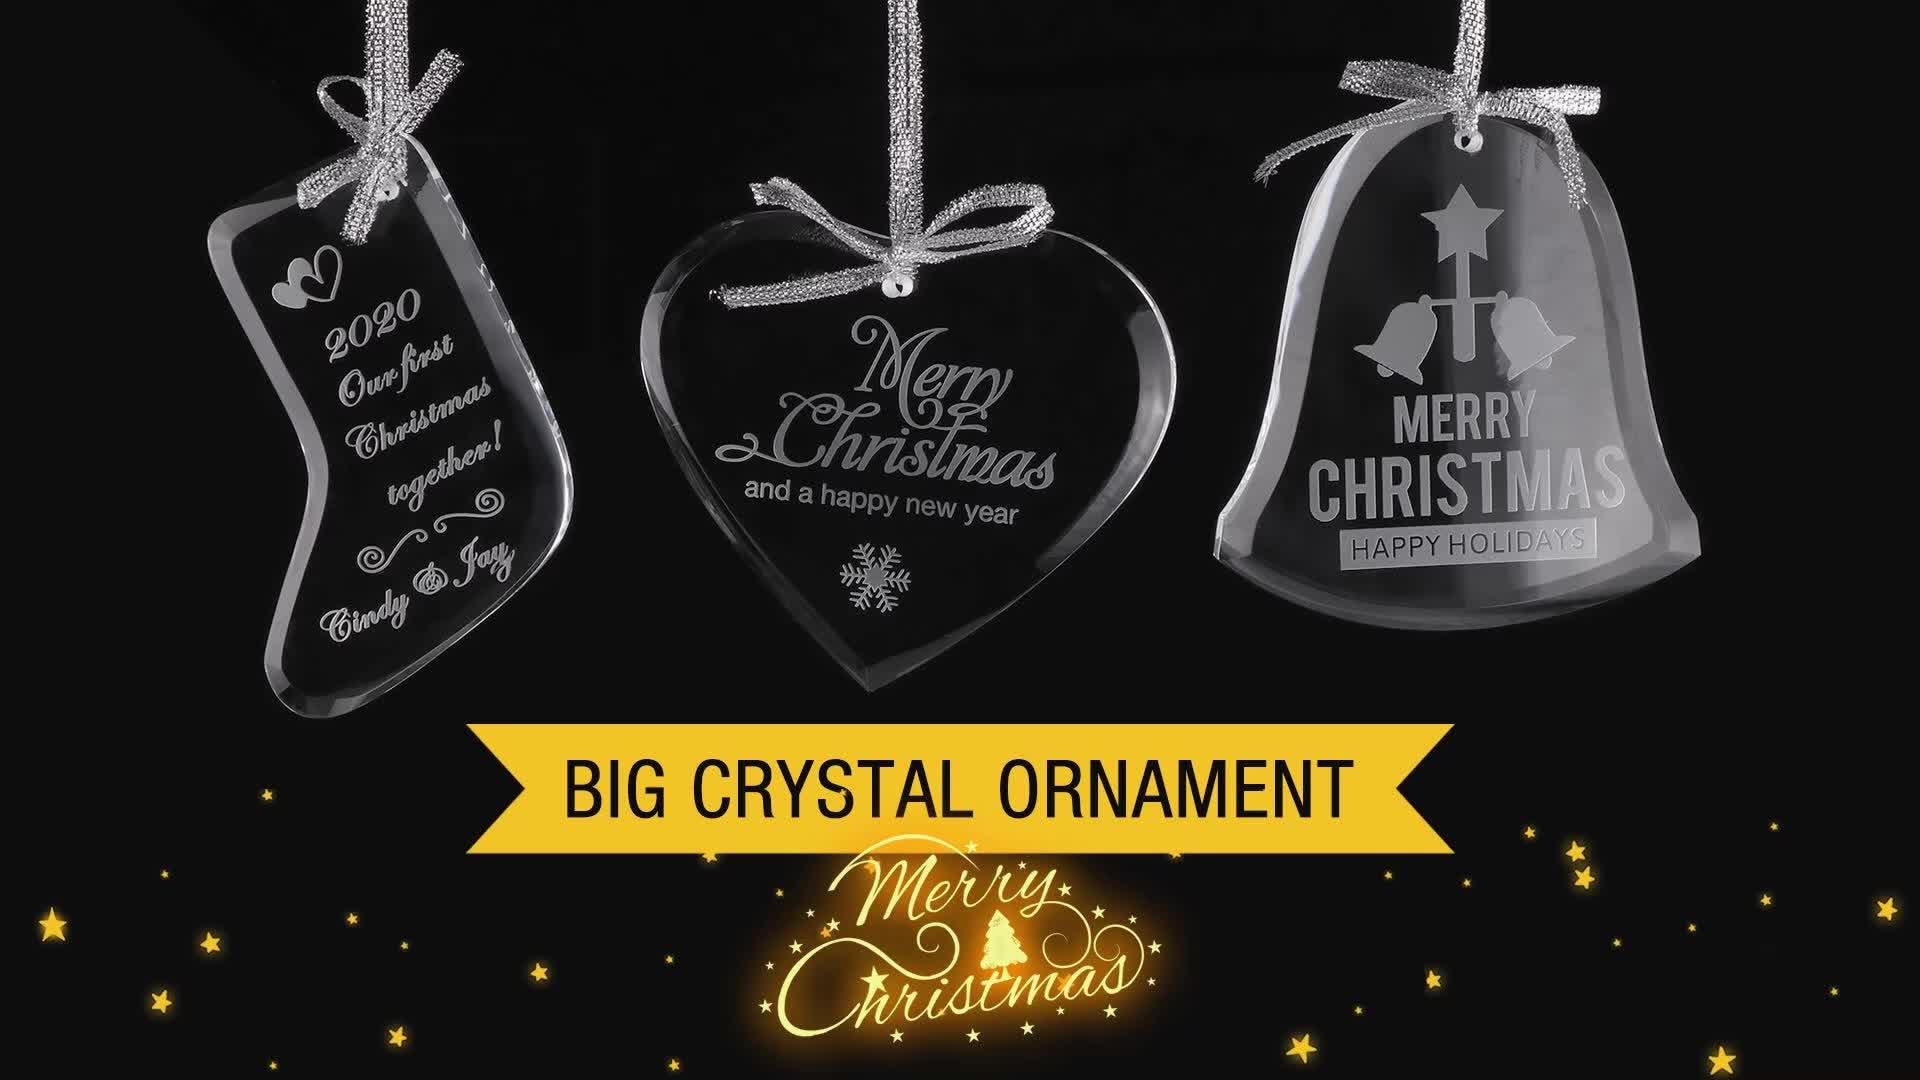 CUSTOM CUSTOM แก้วแขวนเครื่องประดับคริสตัลสำหรับตกแต่งคริสต์มาส